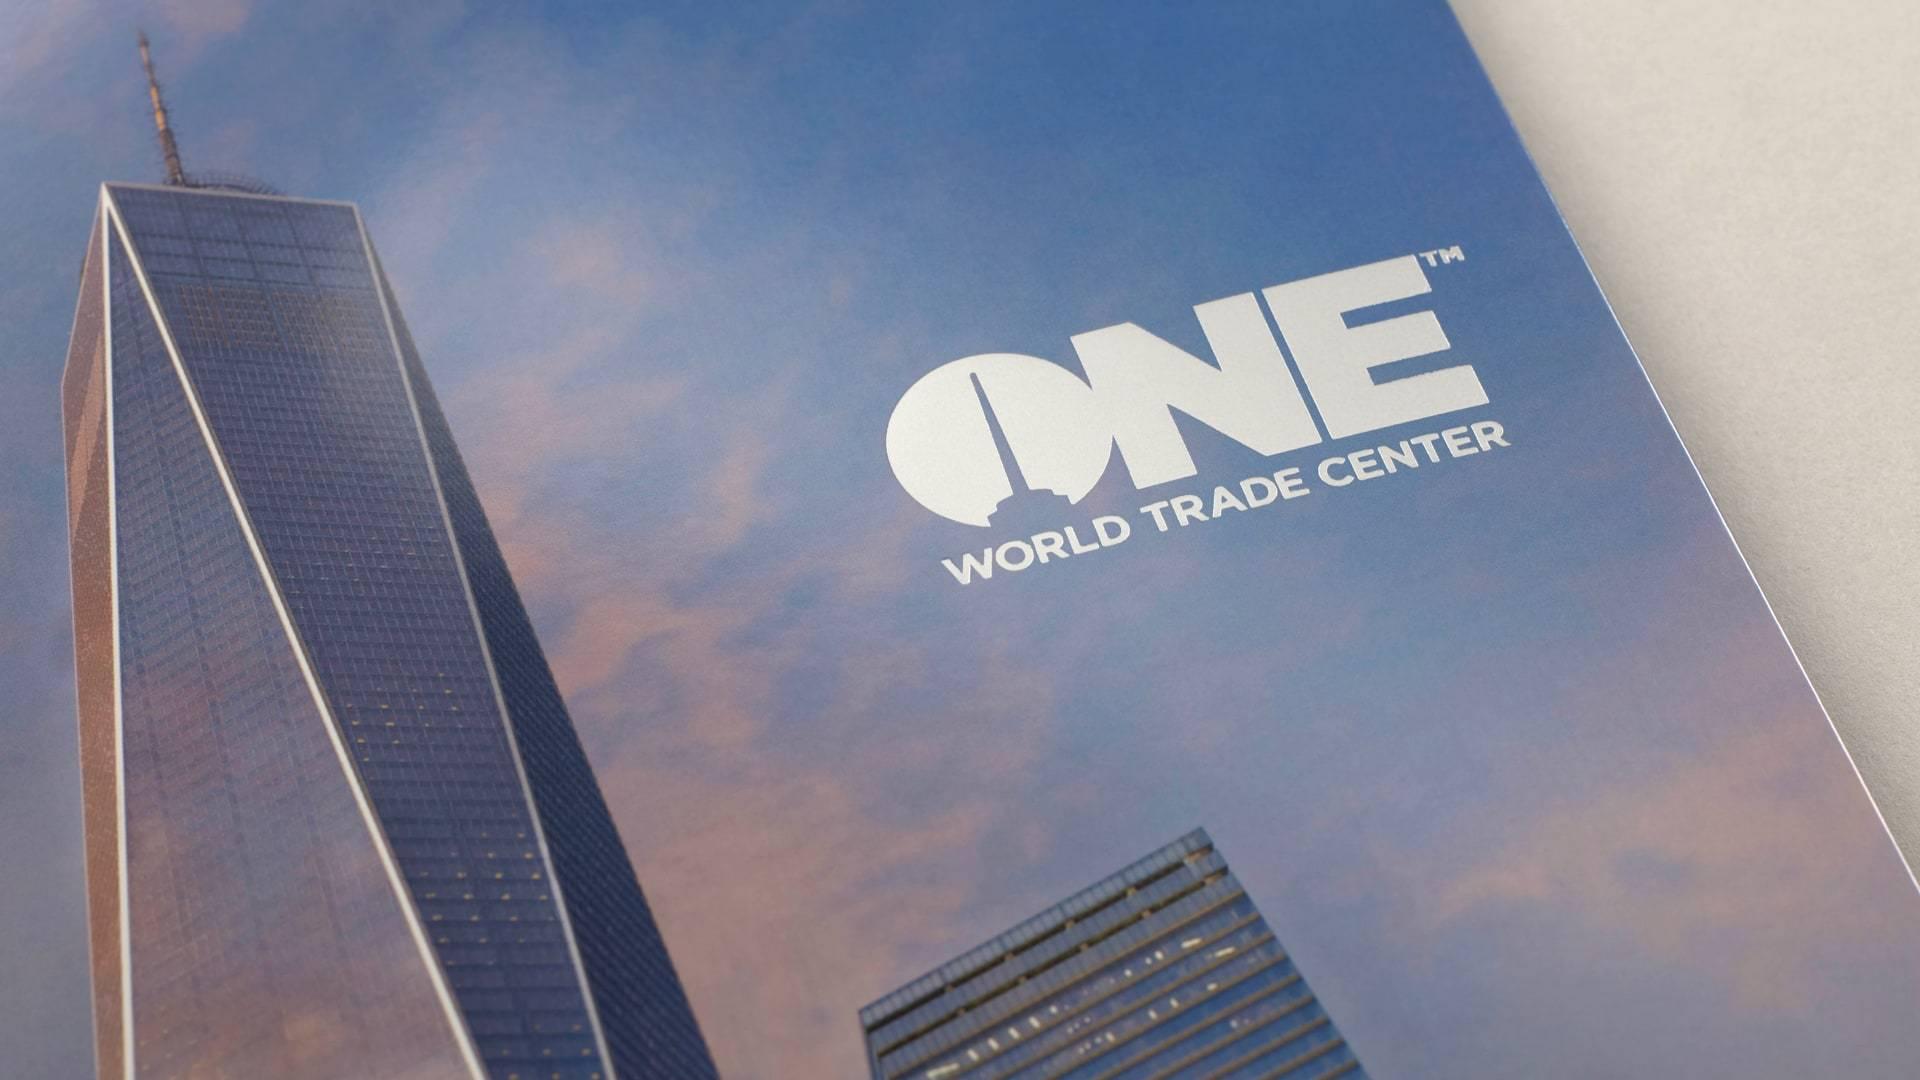 real estate branding for one world trade center New York - brochure 4